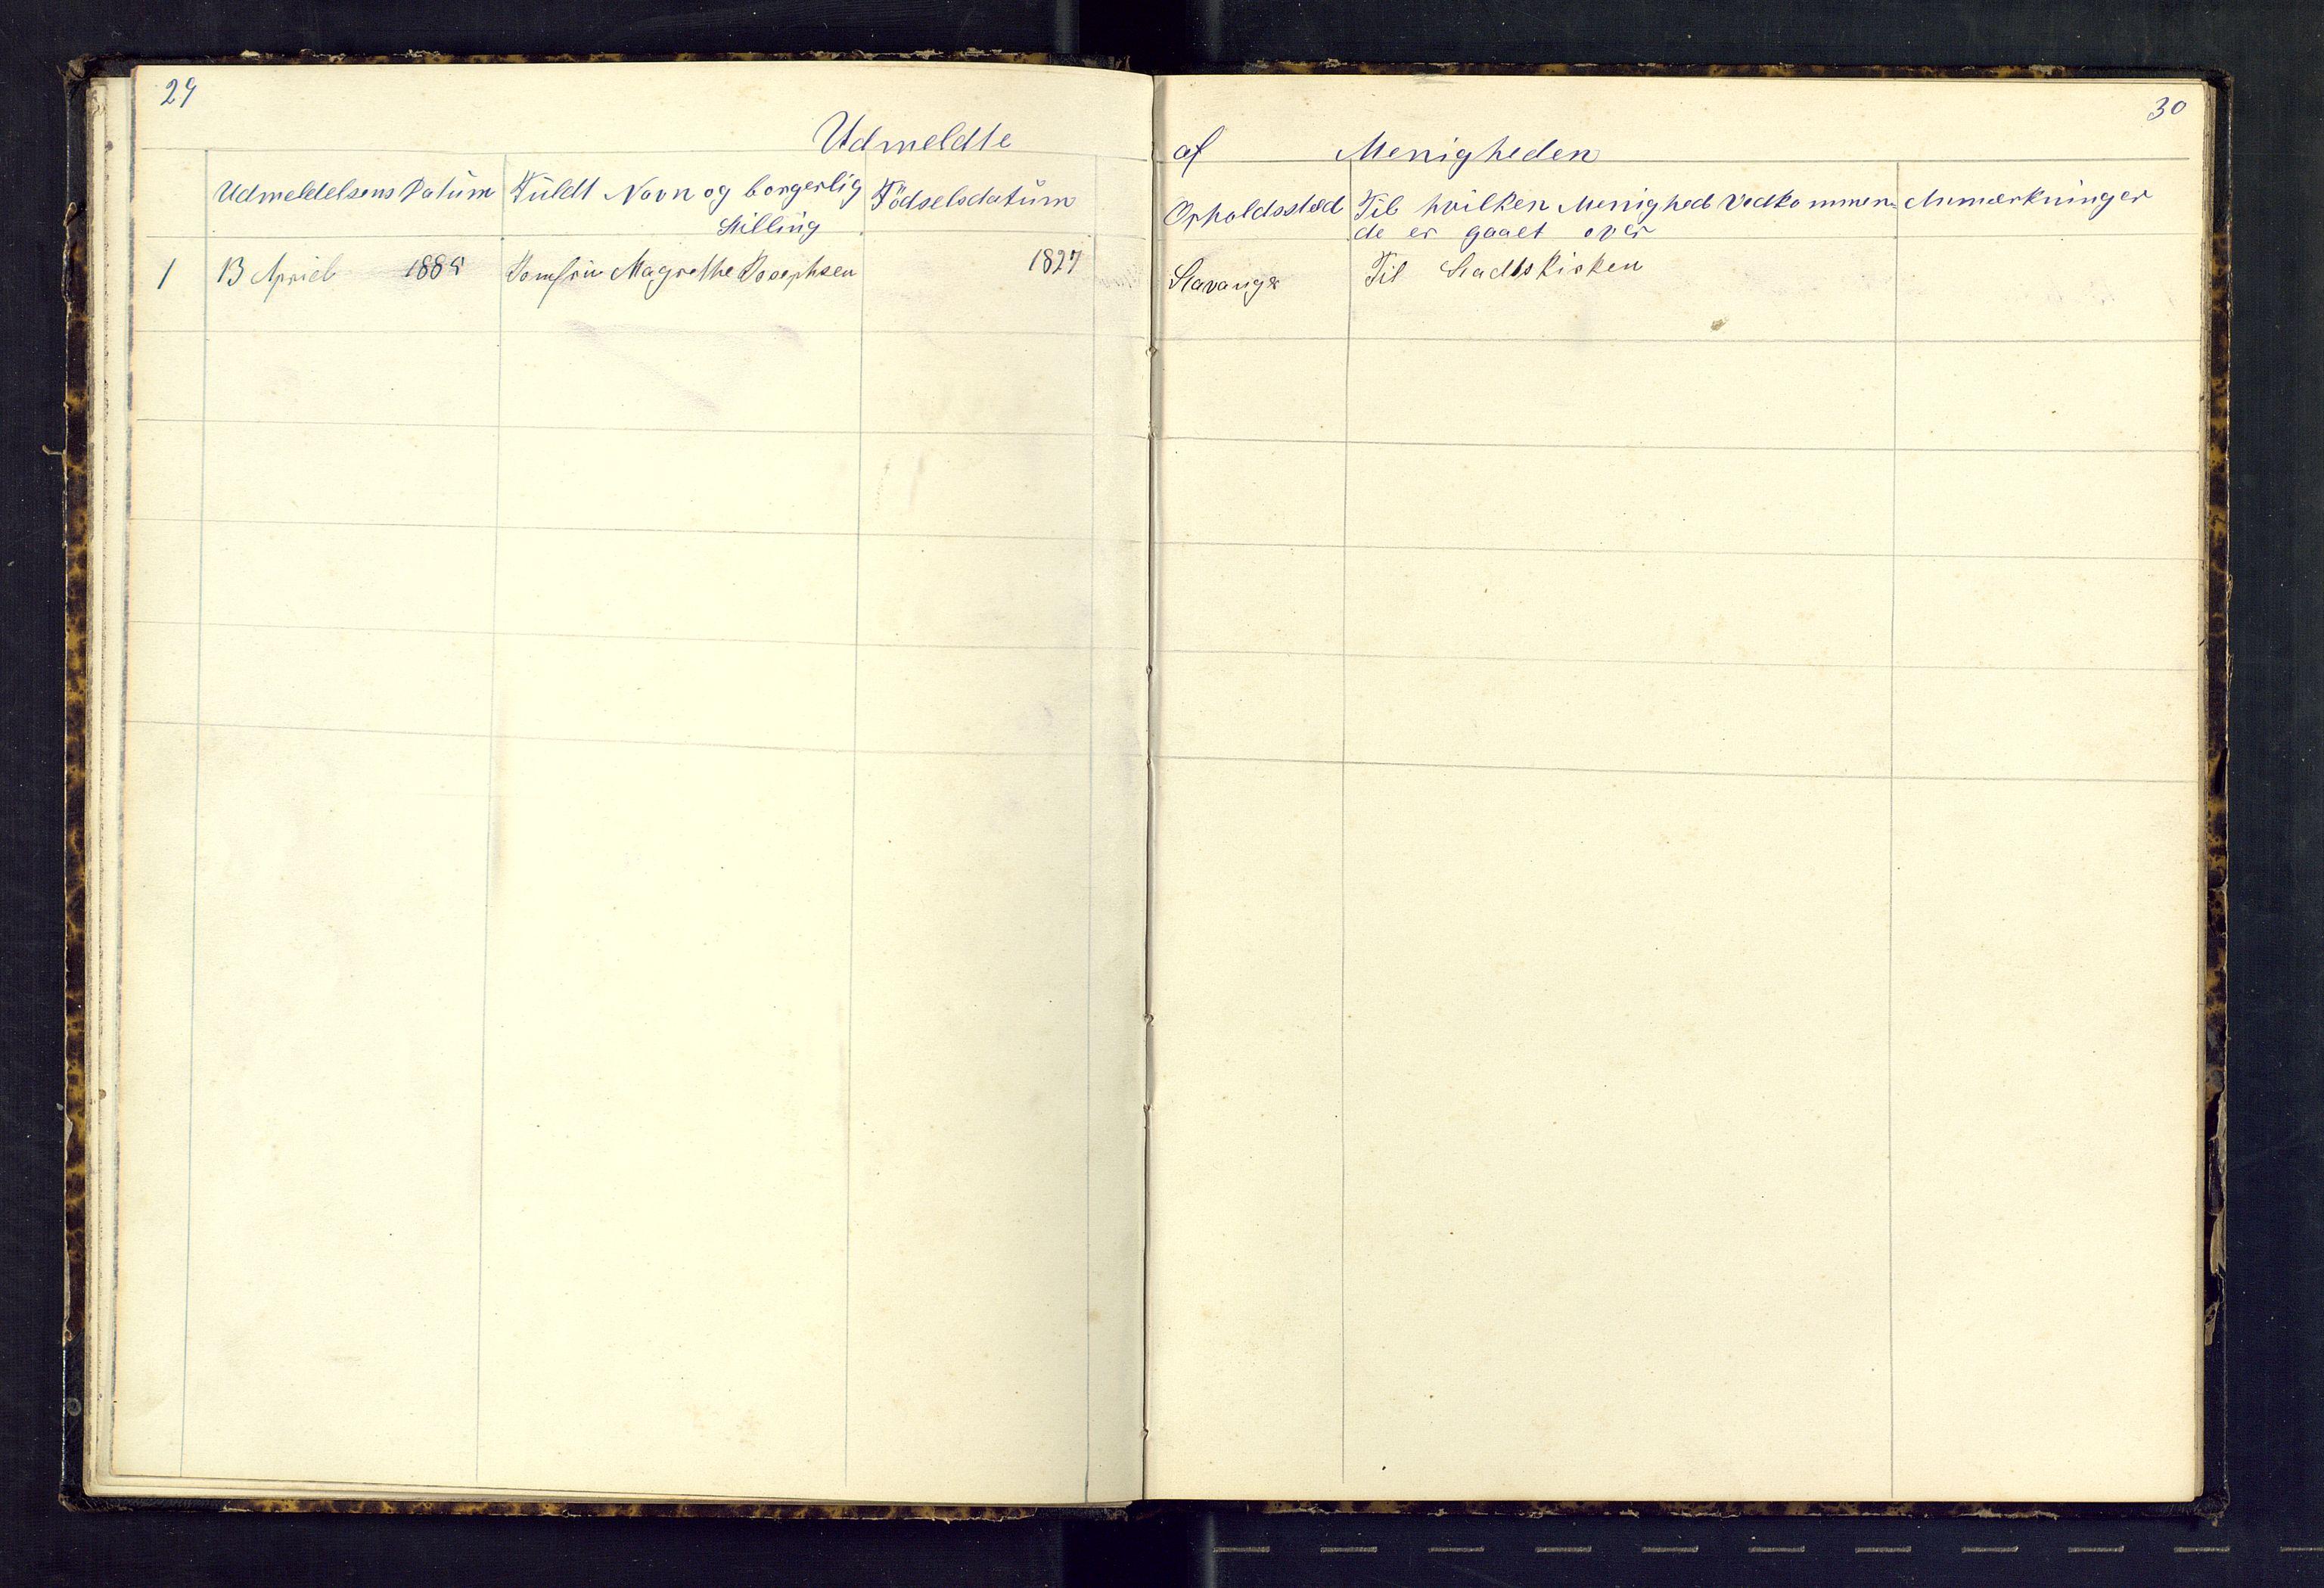 SAST, Den evangeliske lutherske frimenighet (SAS), Dissenterprotokoll nr. 1, 1881-1912, s. 29-30